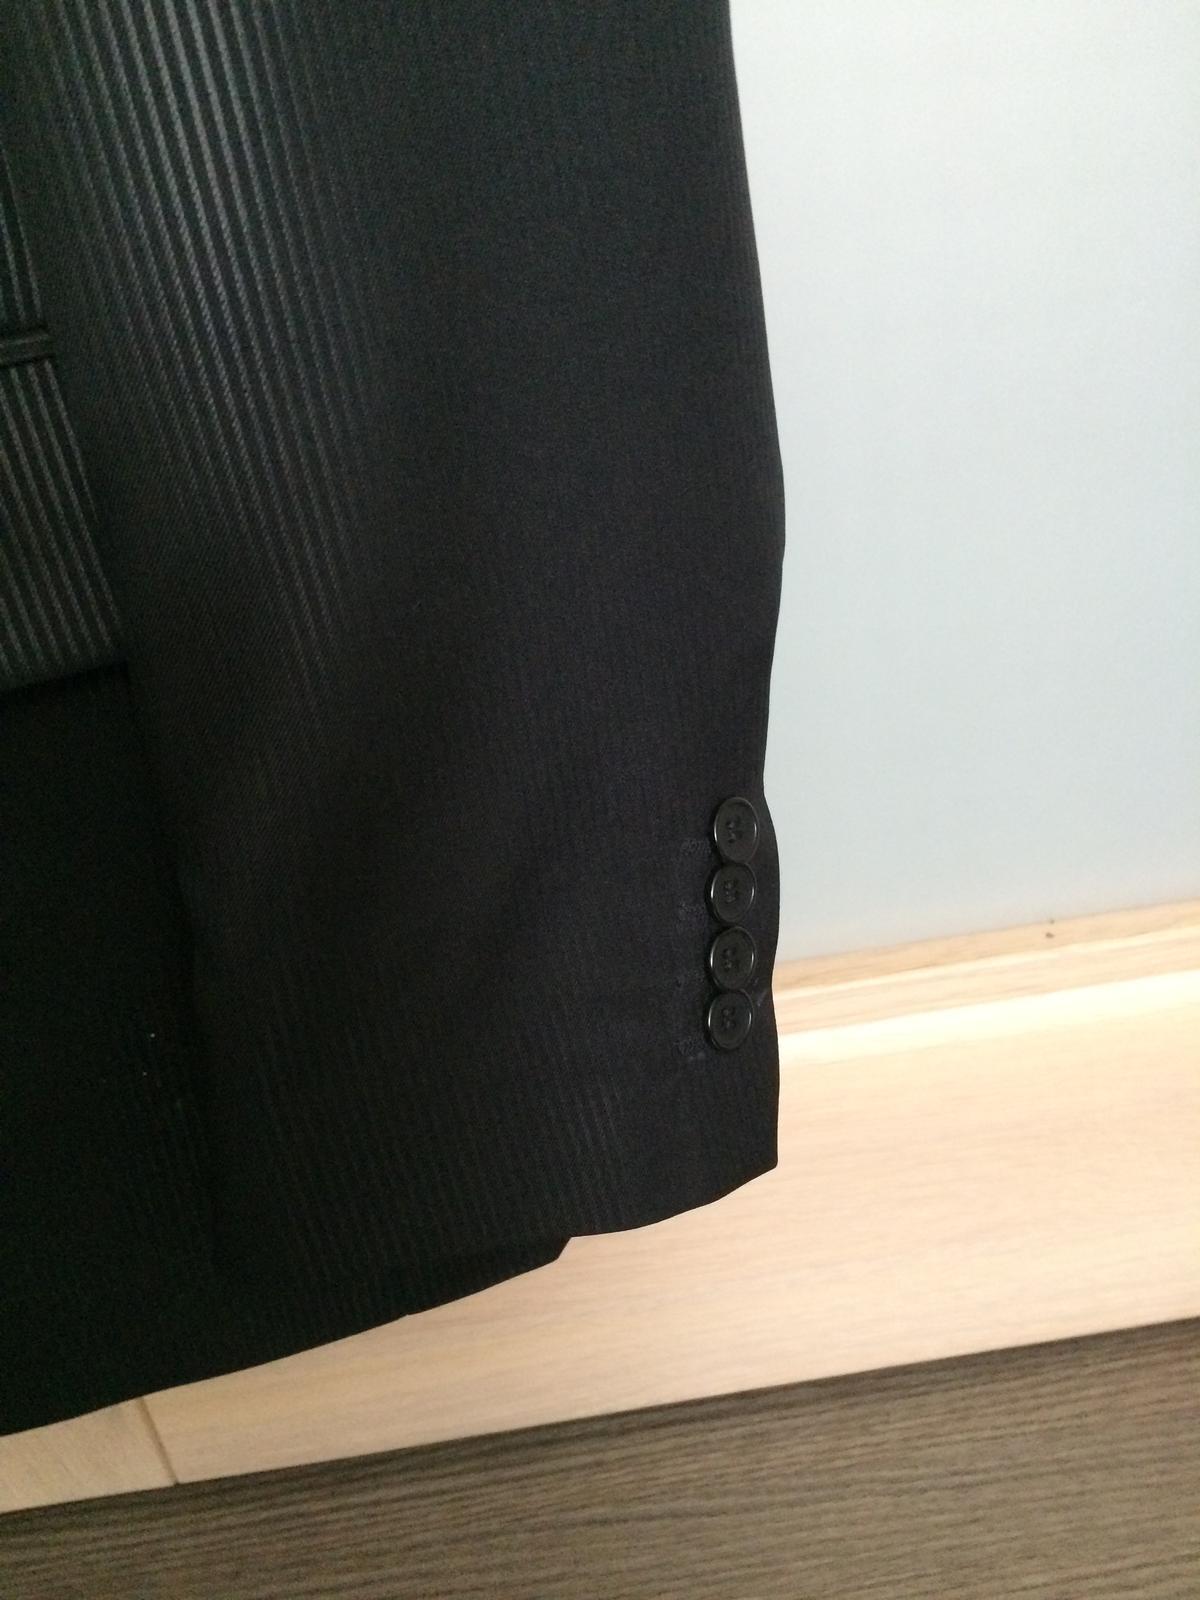 Pánsky čierny oblek - Obrázok č. 2